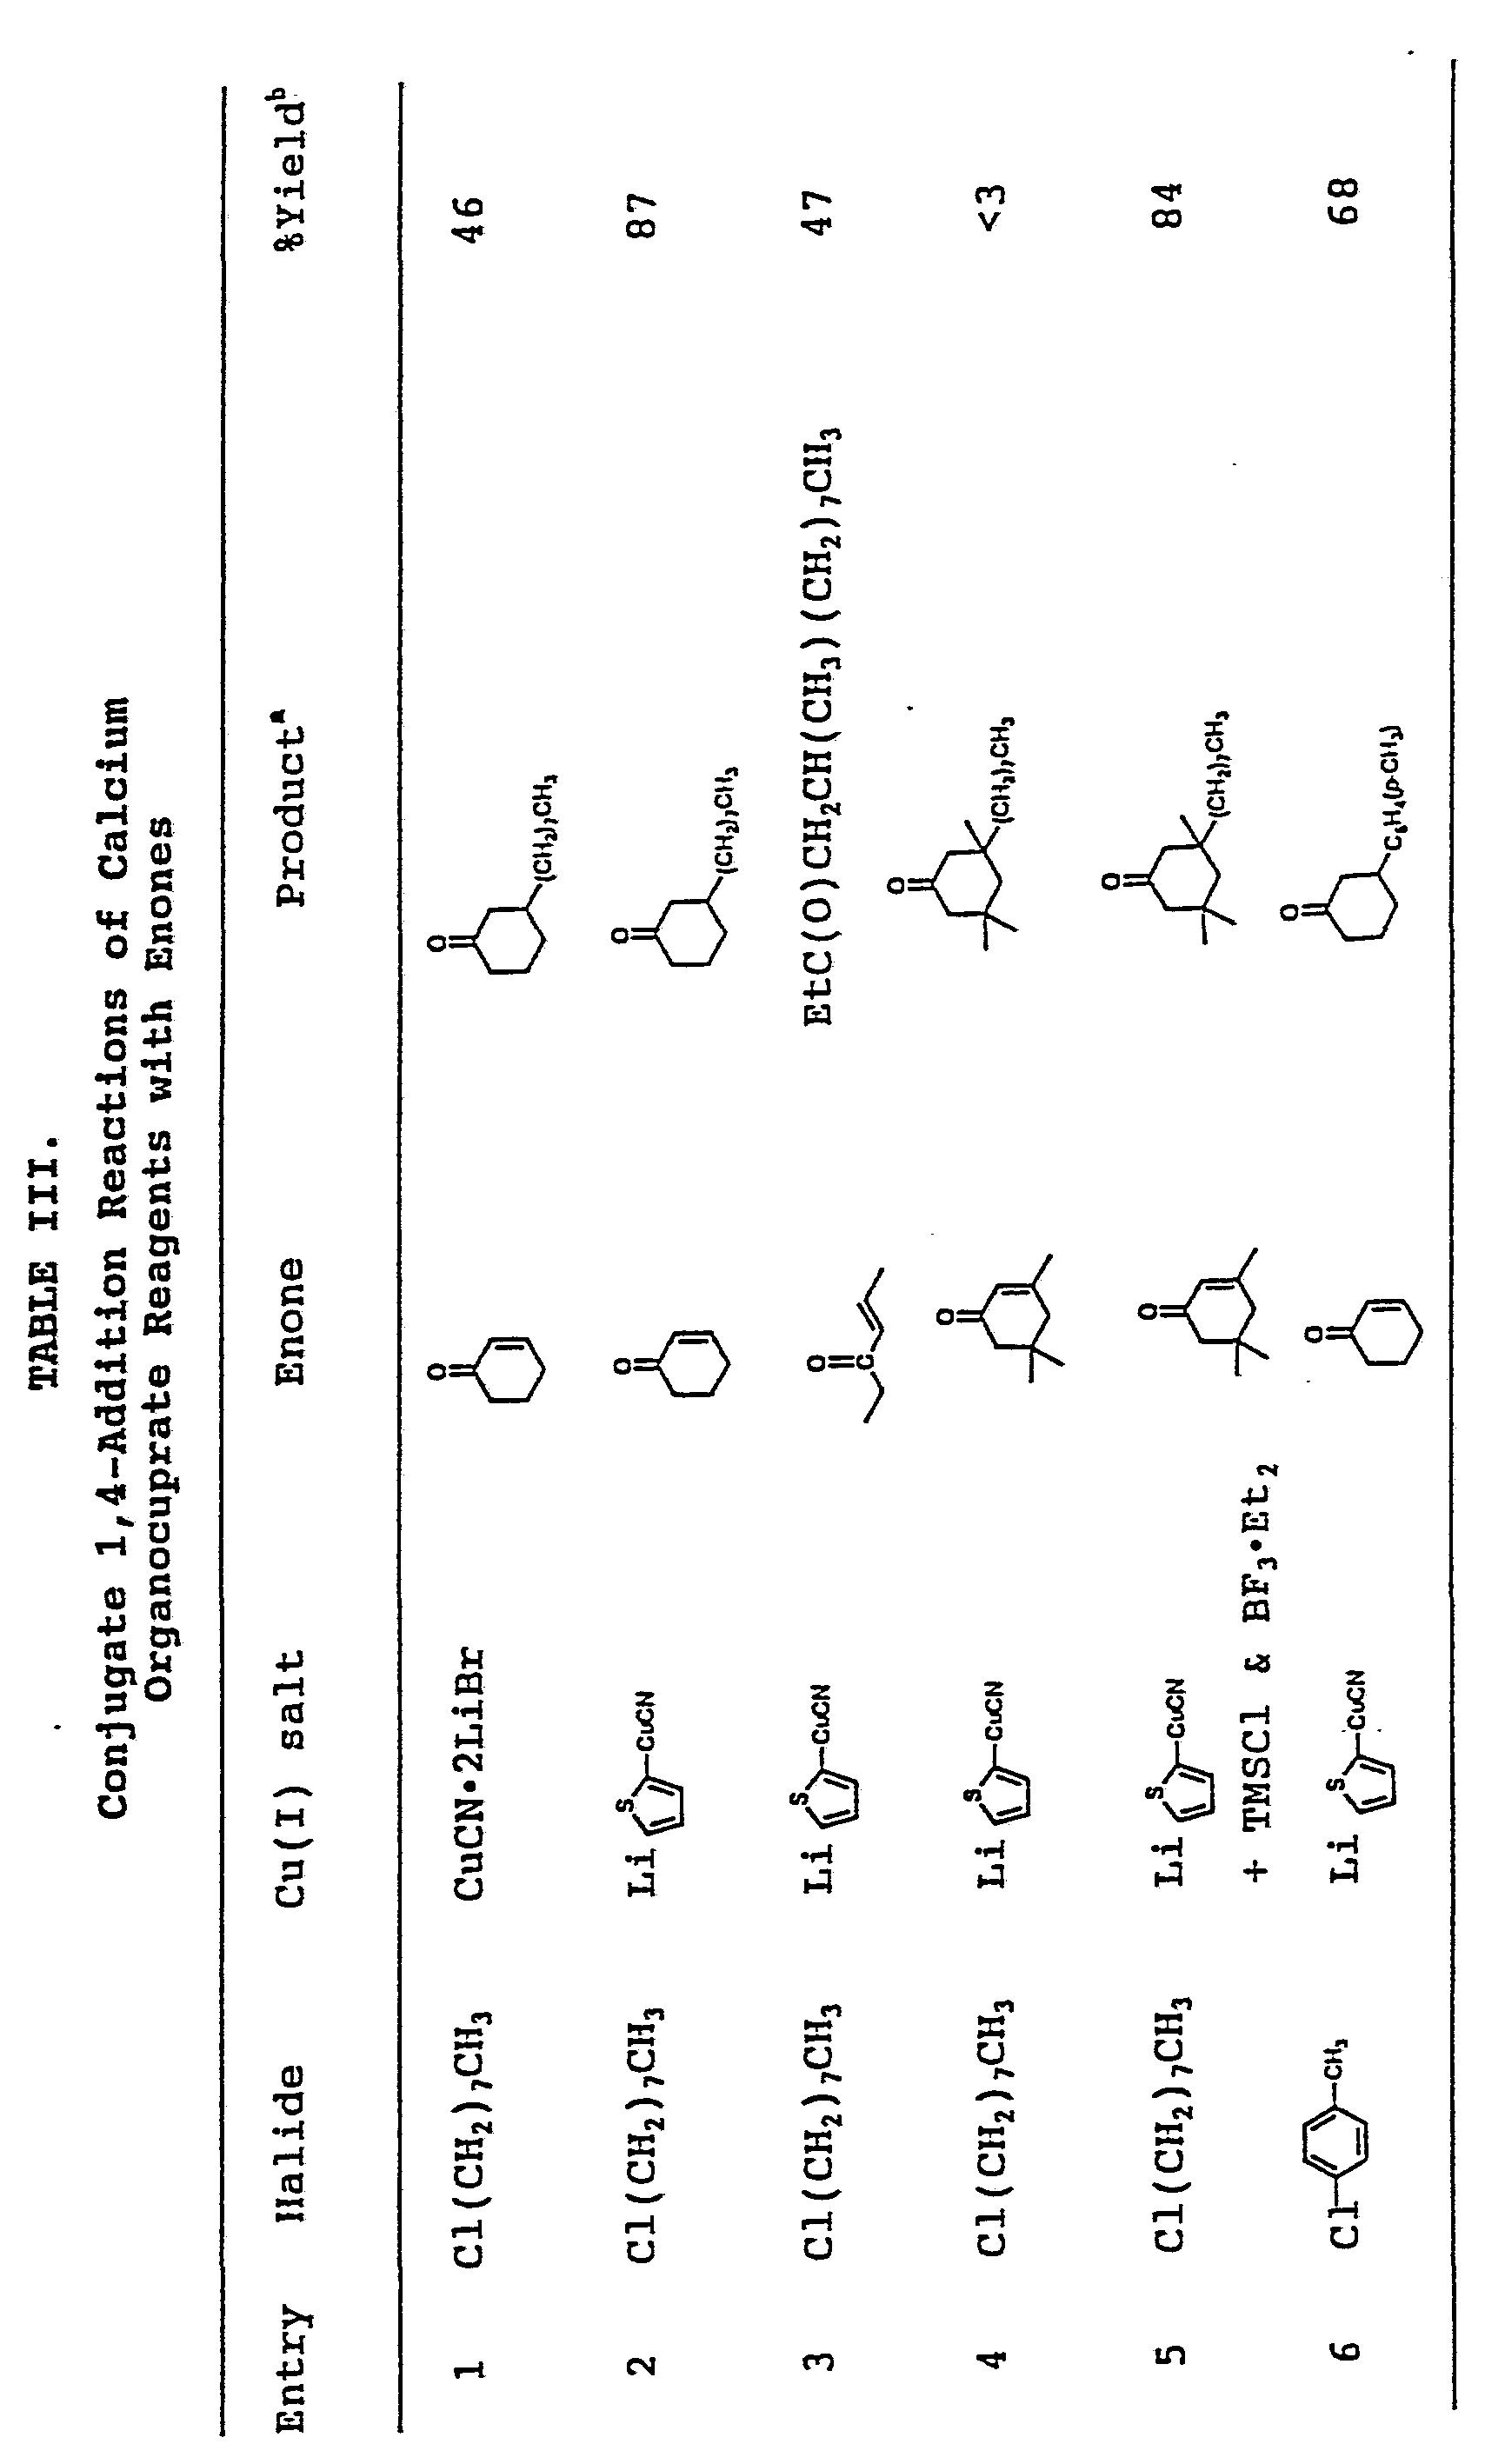 Displaying 19> Images For - Cyclohexanone Ir...: http://galleryhip.com/cyclohexanone-ir.html